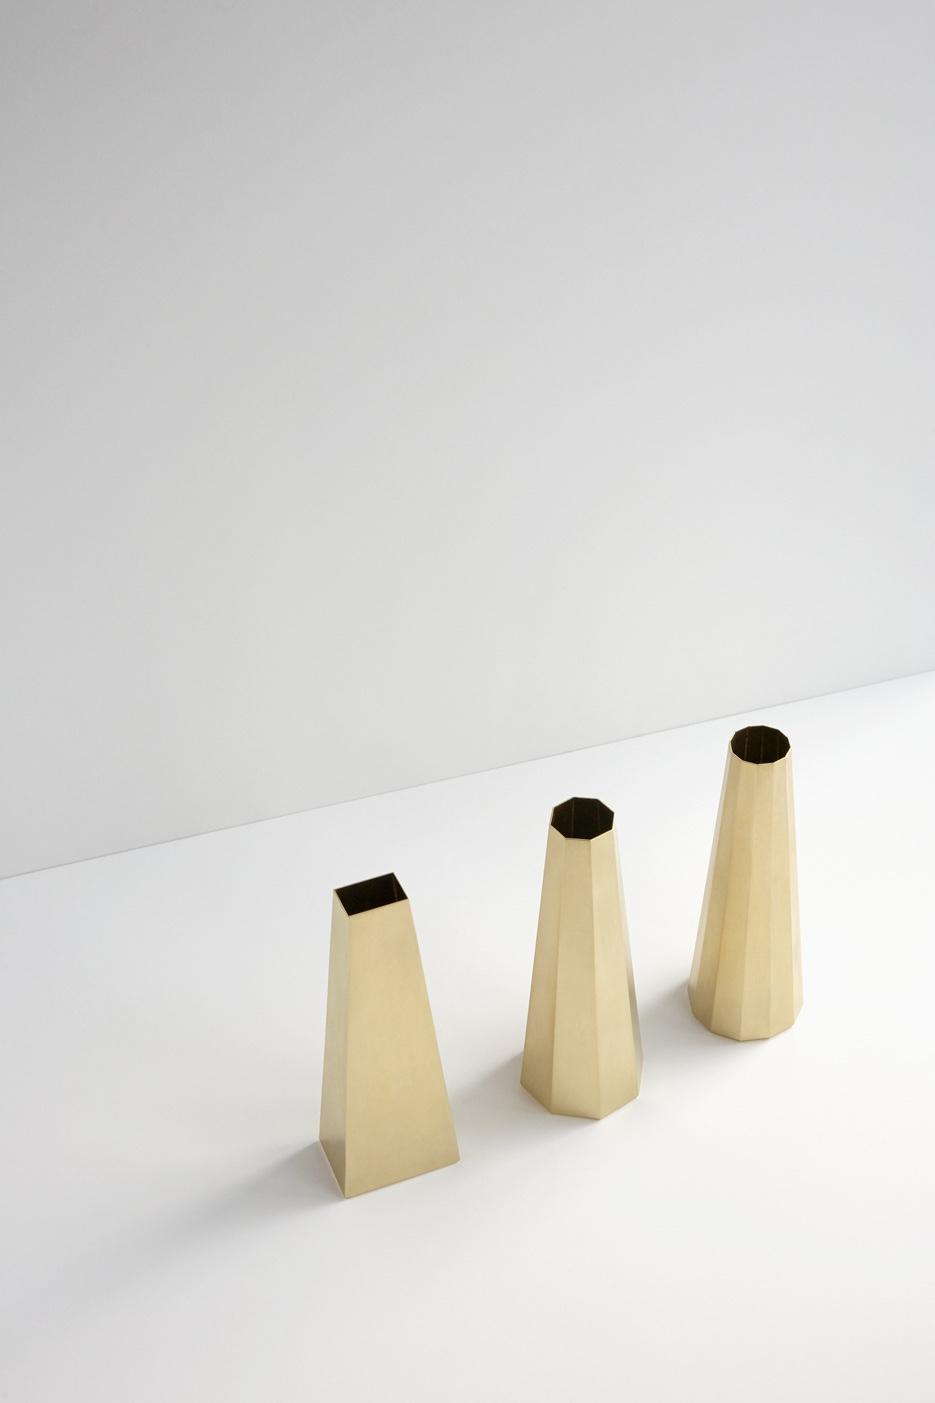 Латунные вазы геометрической формы от австралийского дизайнера Kenny Yong-soo Son